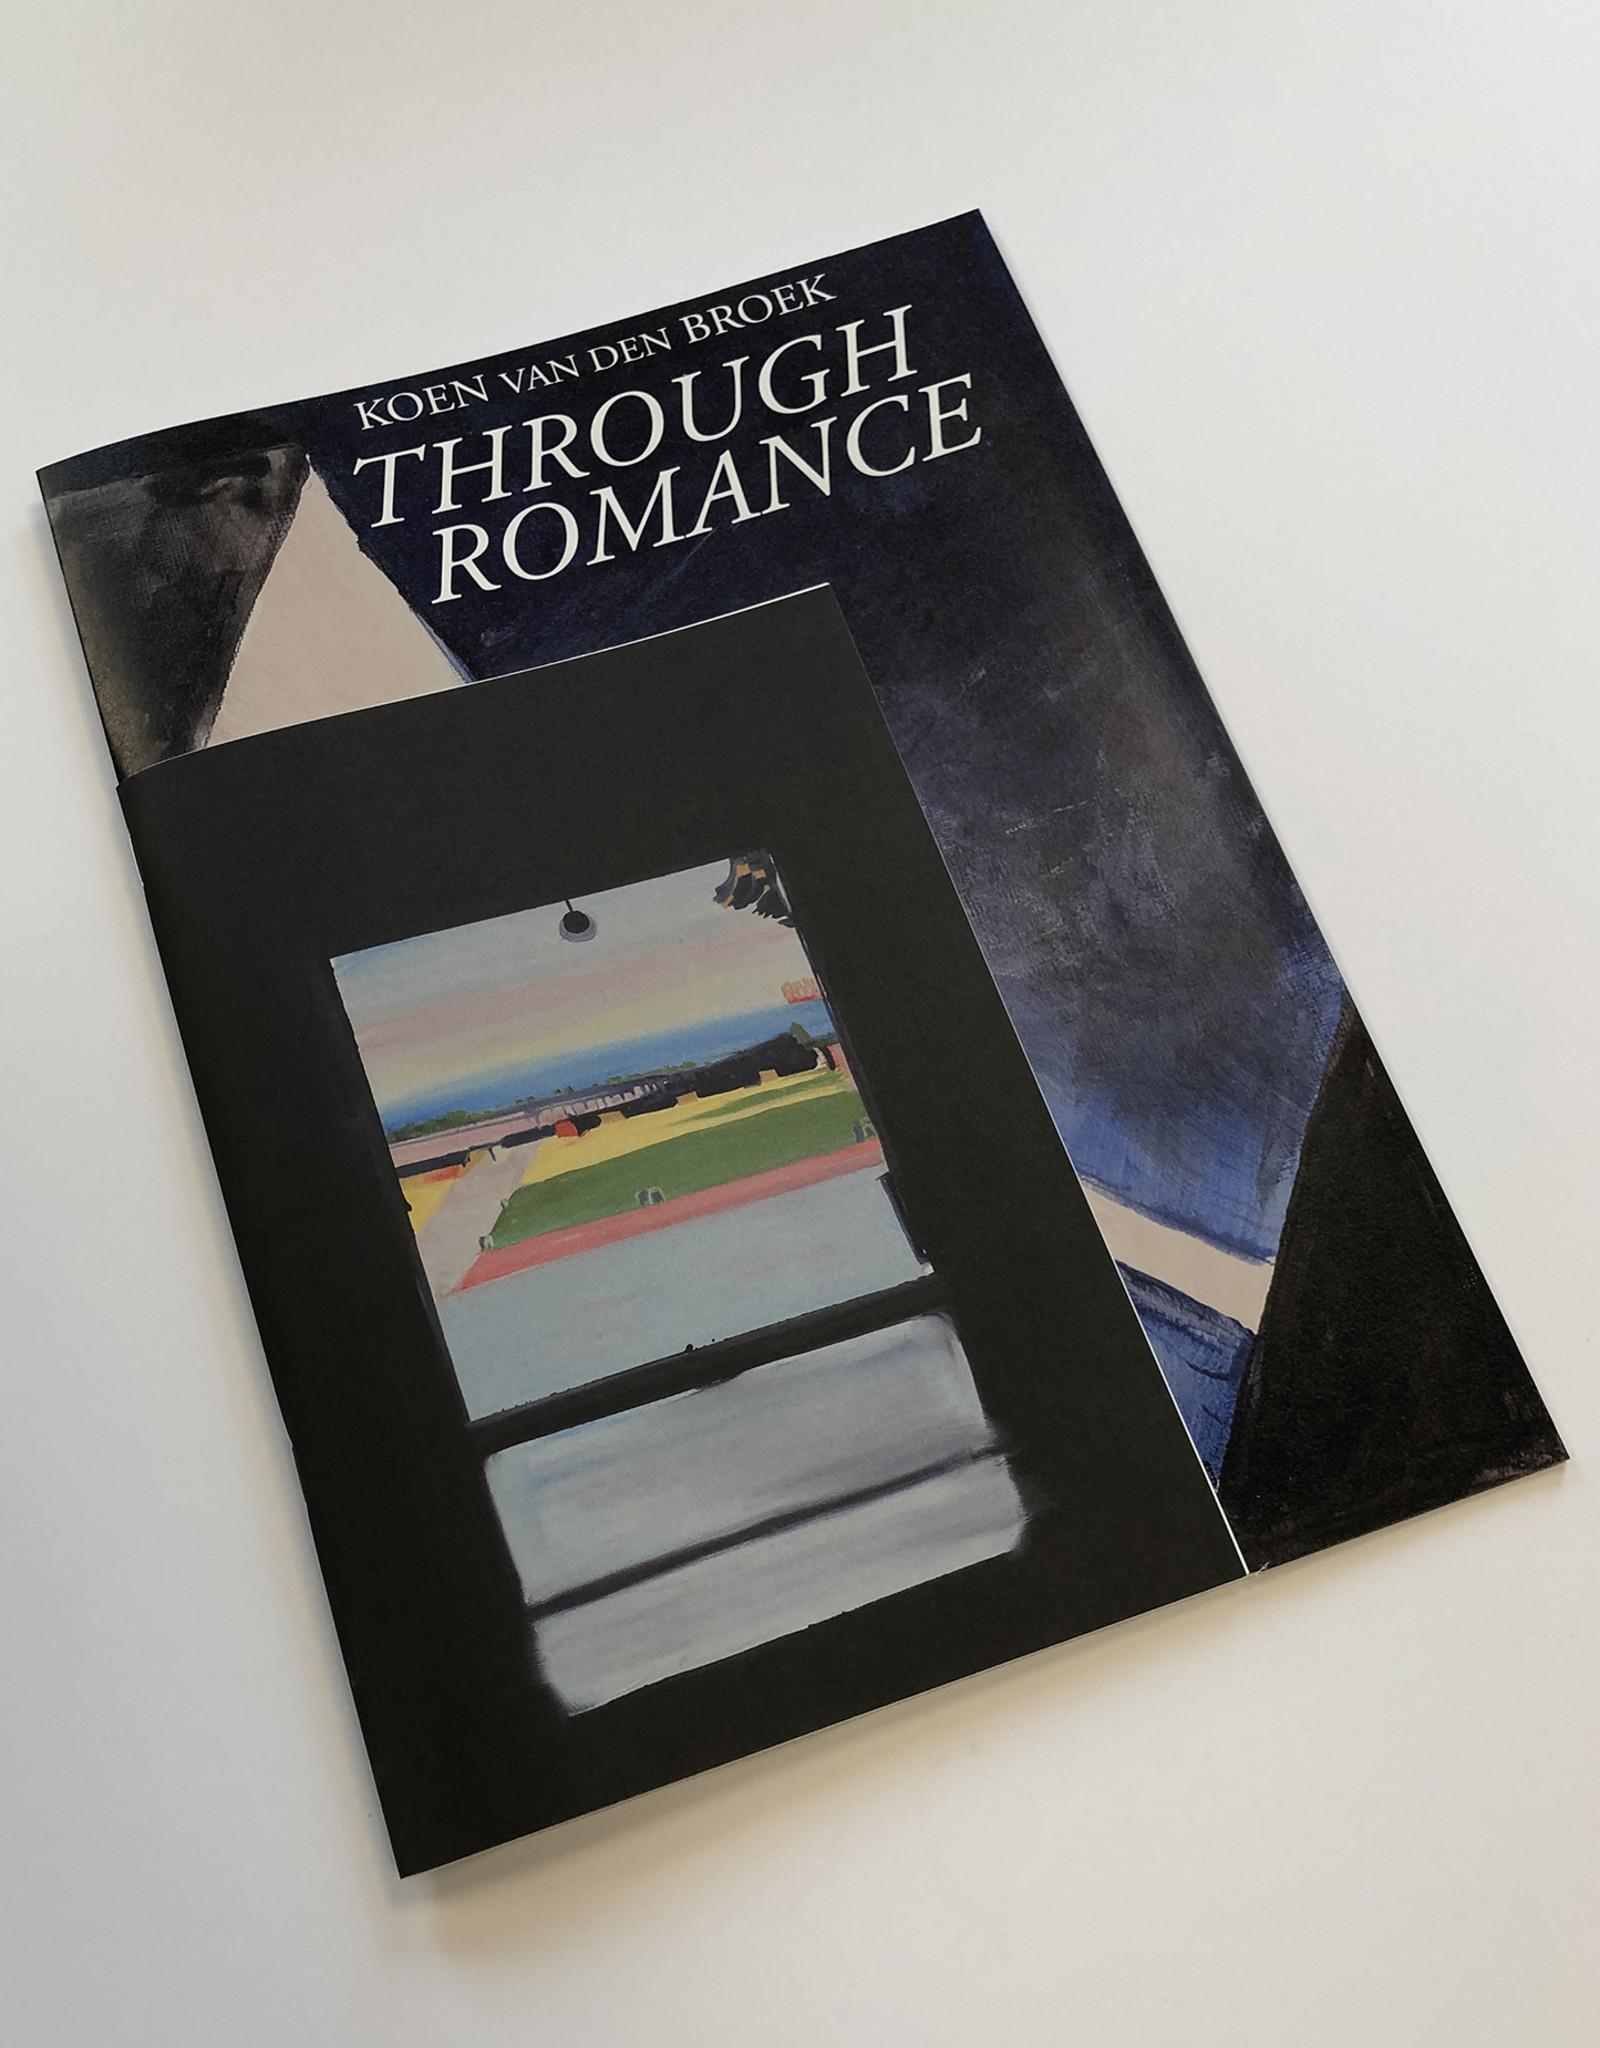 Koen van den Broek - Through Romance